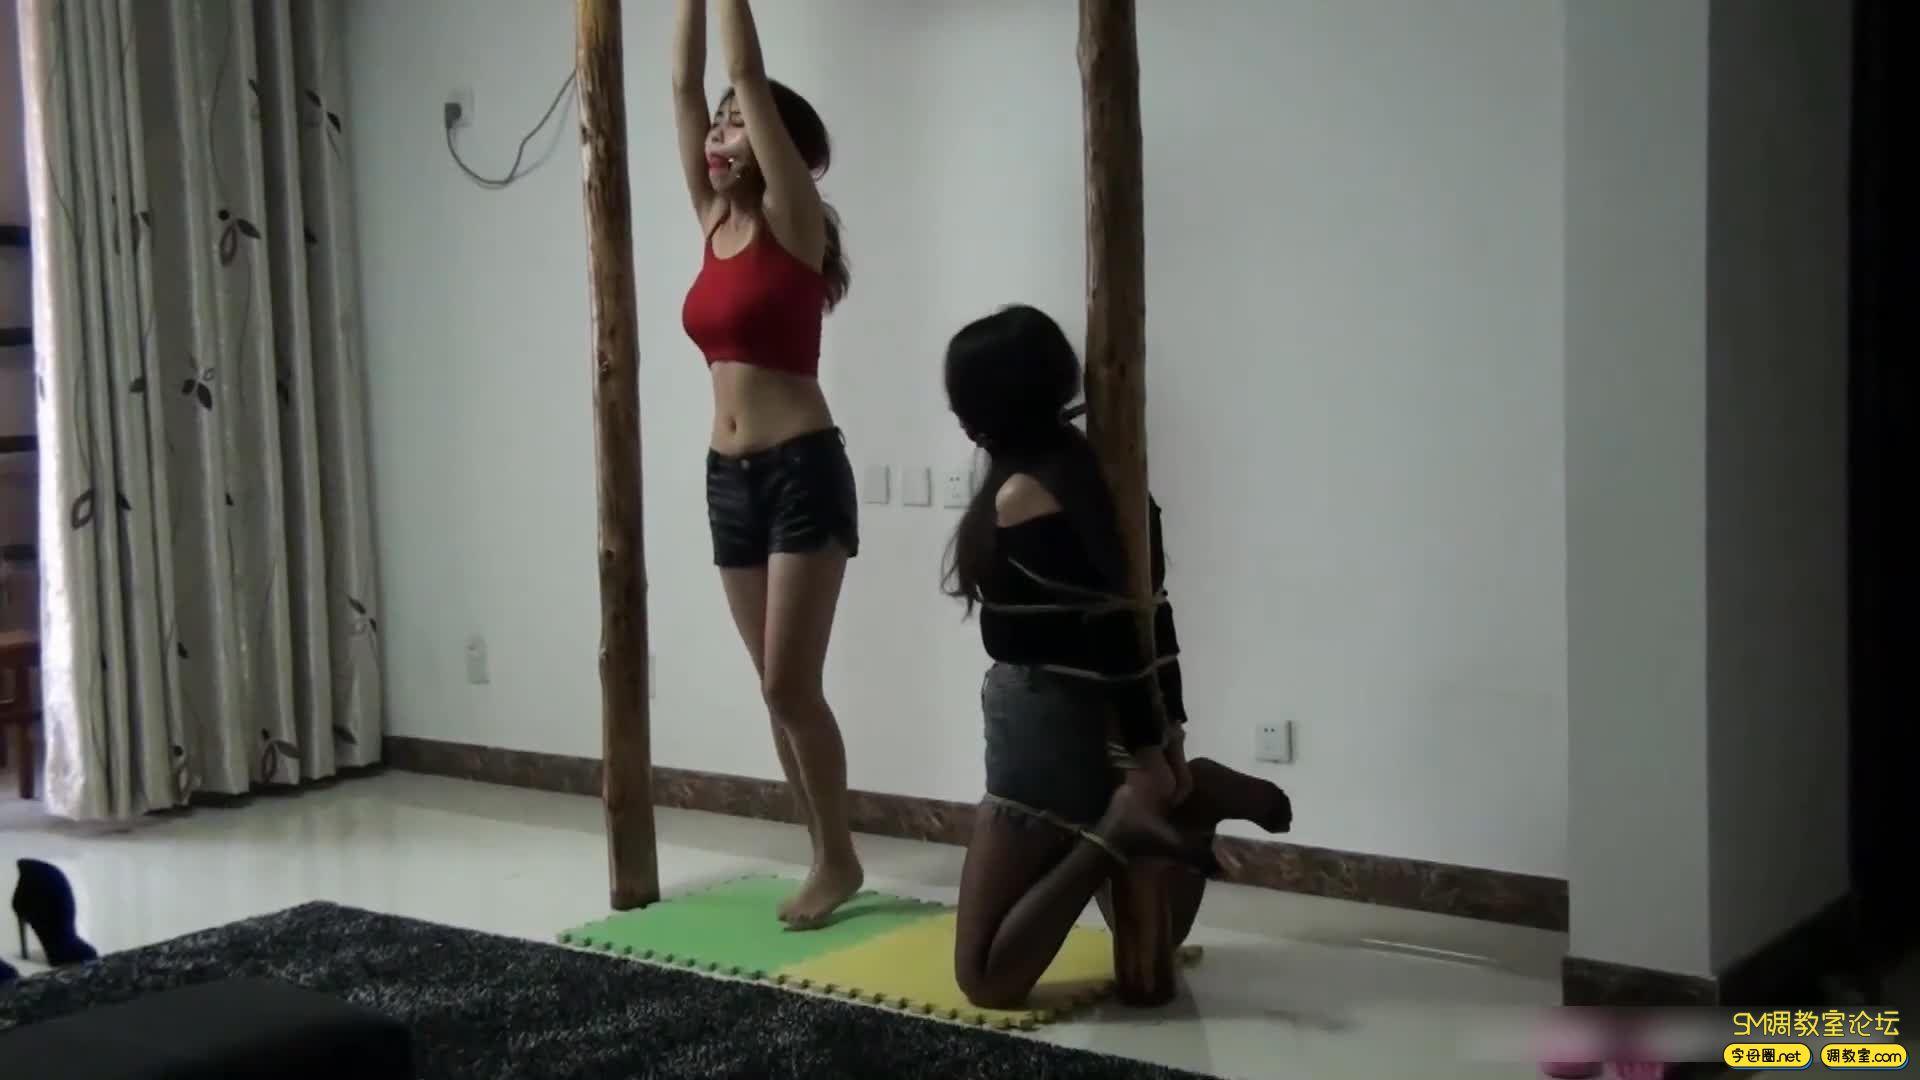 灰鸟原创_木桩上被捆绑堵嘴的两个美女 完整版-视频截图6